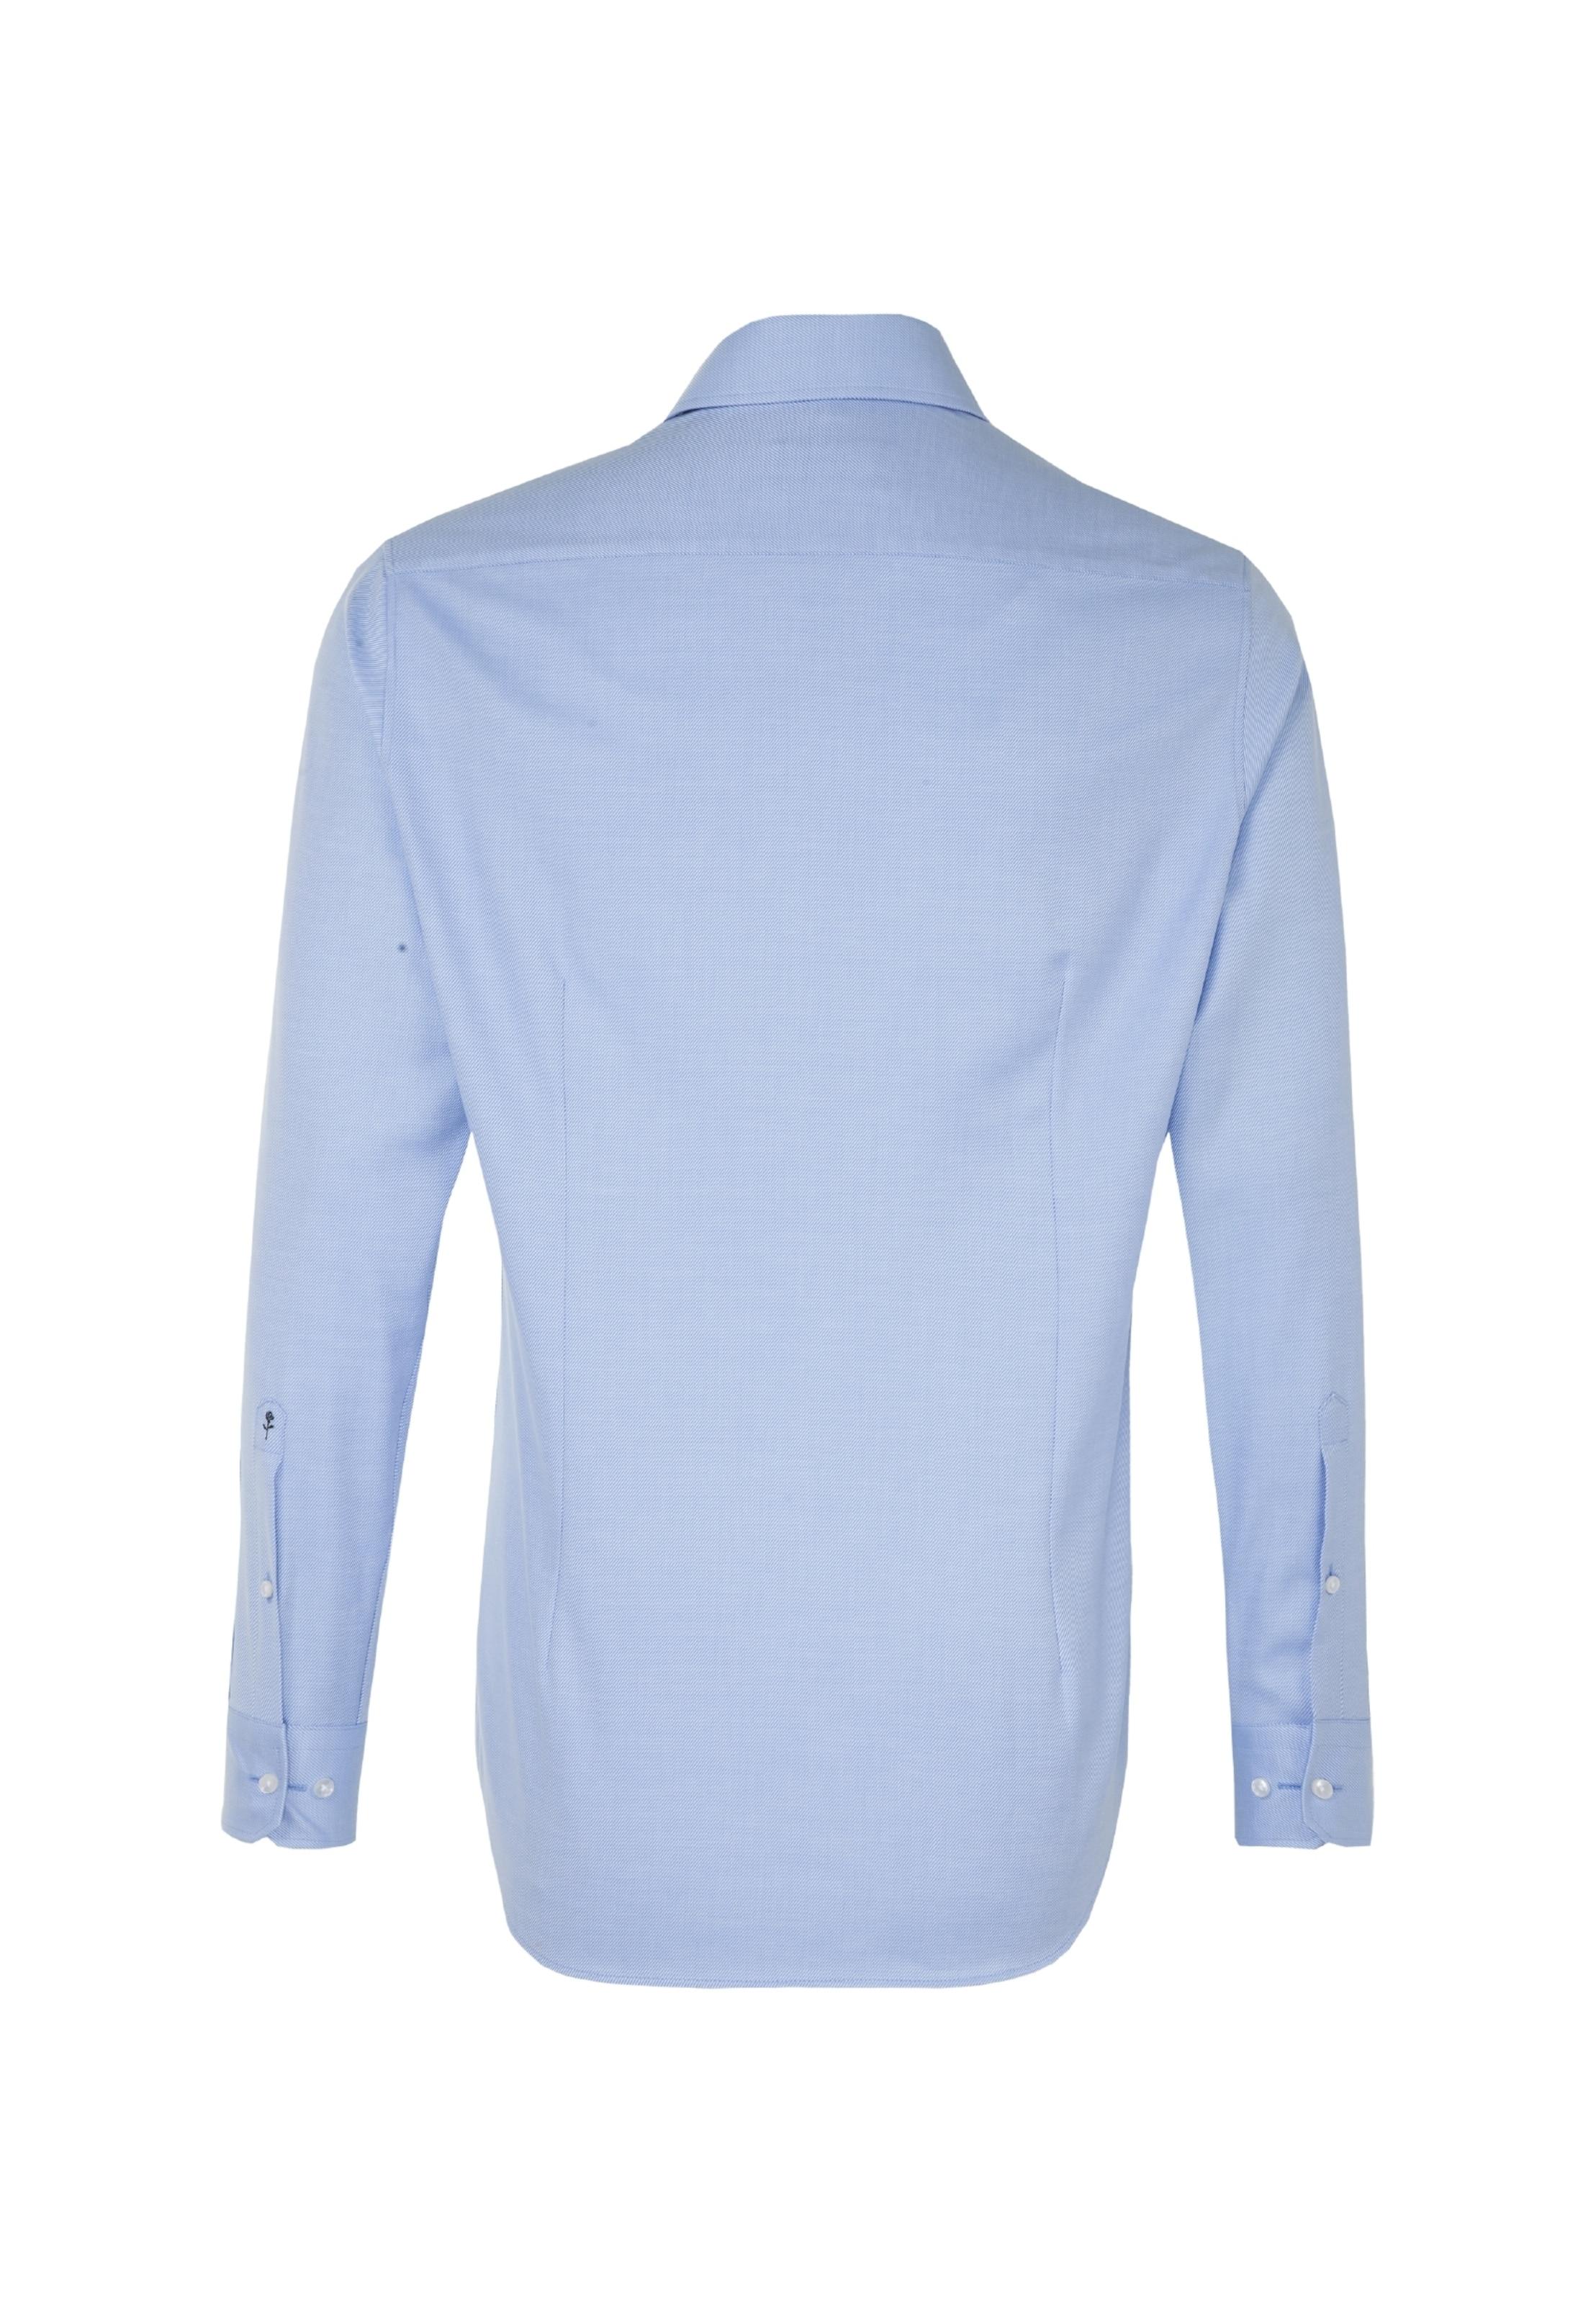 Seidensticker In Seidensticker Seidensticker Hemd Hellblau Seidensticker In Hemd Hemd In In Hellblau Hemd Hellblau c43q5SARjL